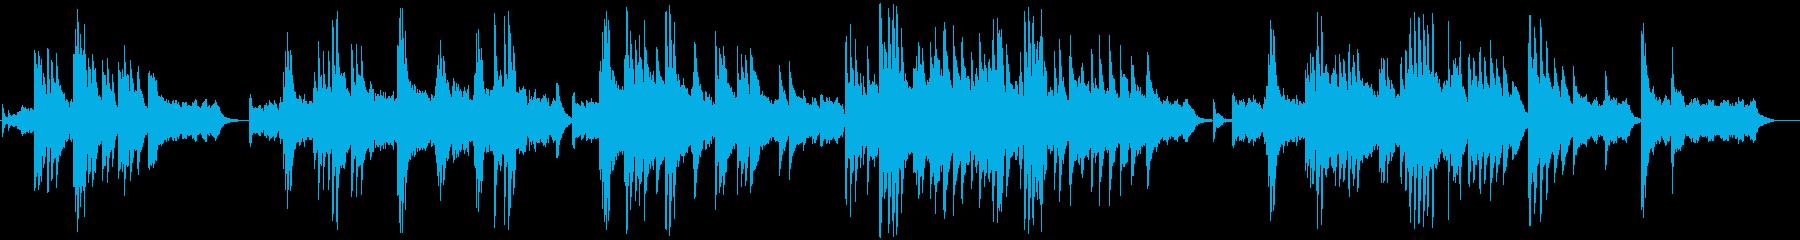 ドラマチックで少し切ないピアノ曲の再生済みの波形